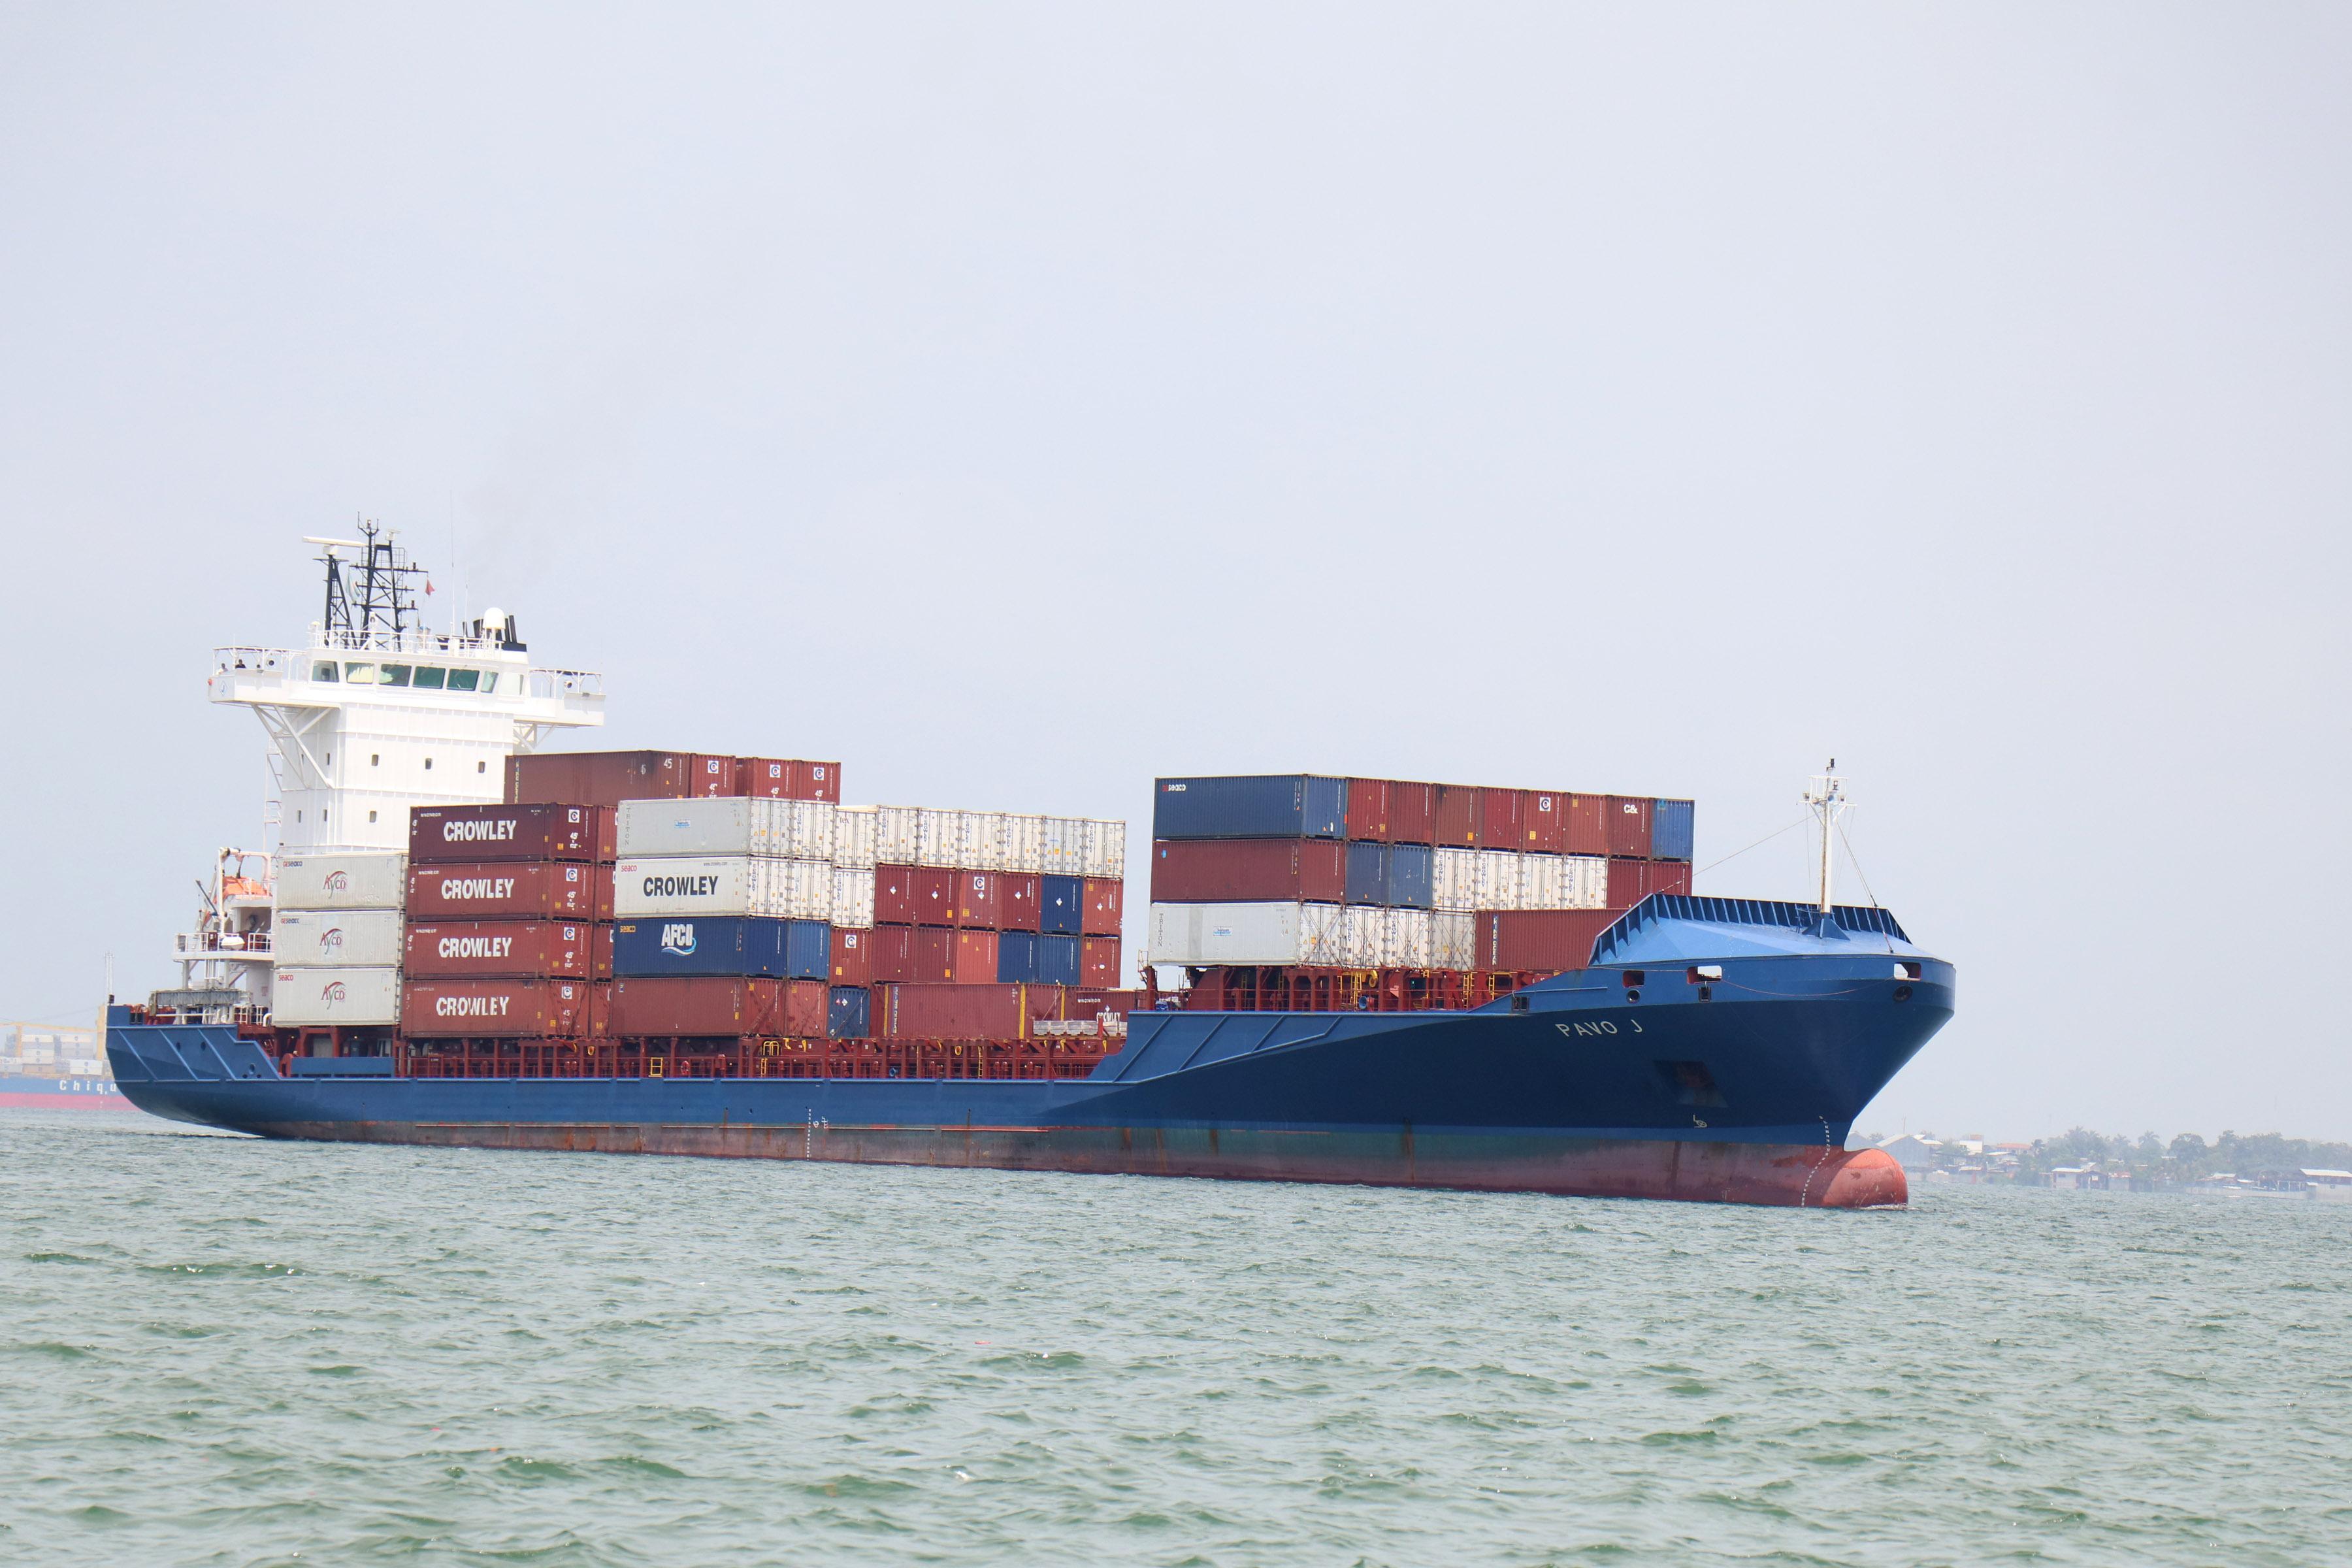 Las condiciones sobre el Brexit, o salida de Reino Unido de la Unión Europea, pueden afectar las exportaciones nacionales. Foto con fines ilustrativos. (Foto Prensa Libre: Dony Stewart)